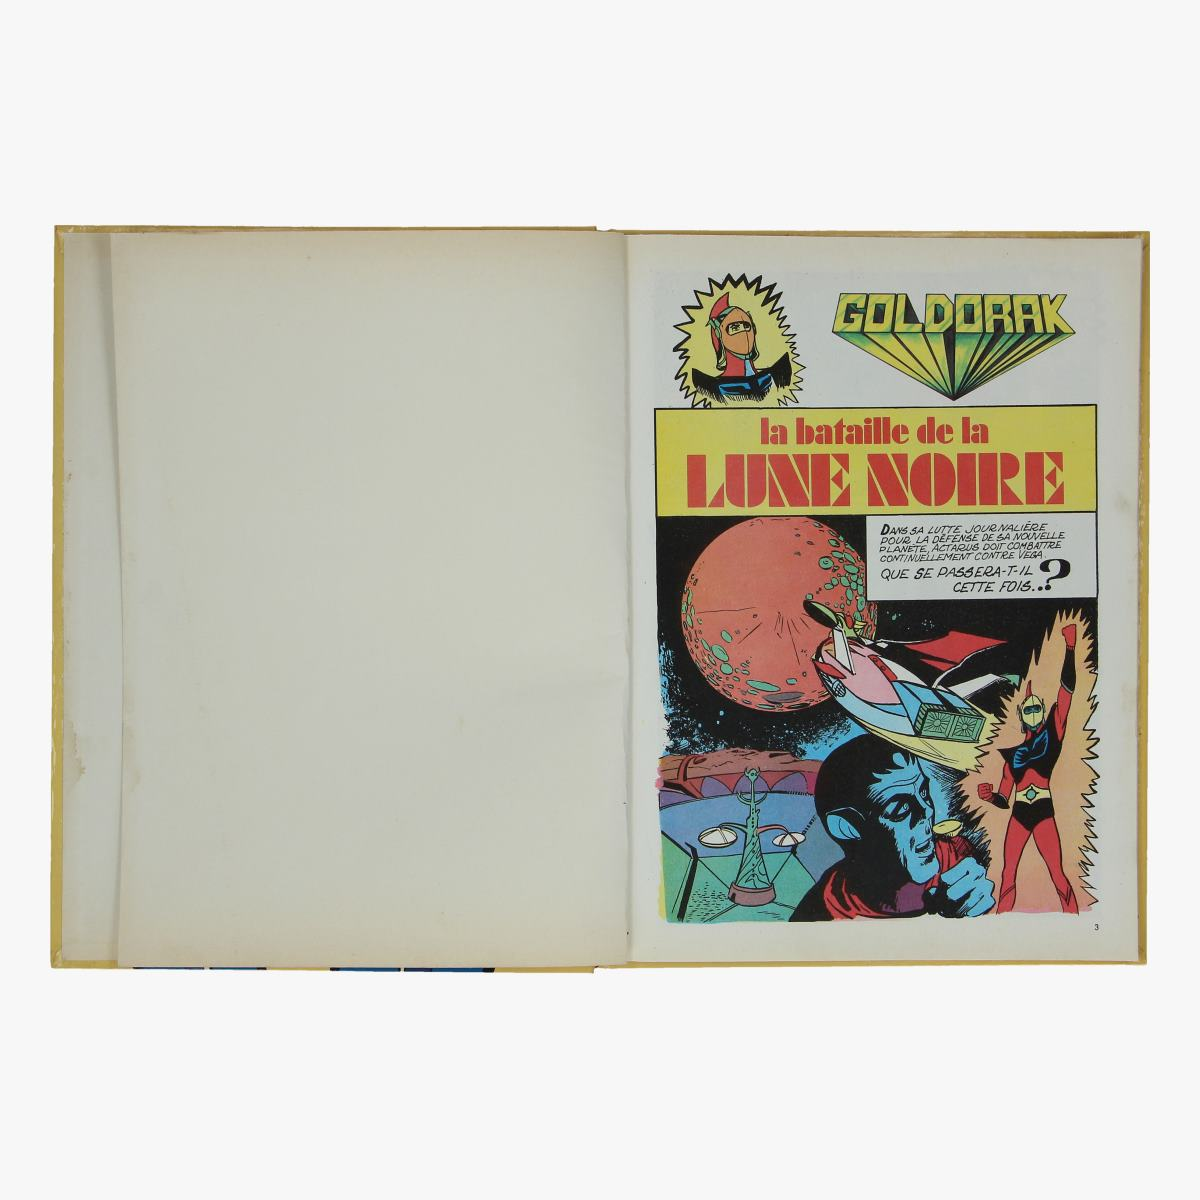 Afbeeldingen van golddrak 1978 special editions tele guide